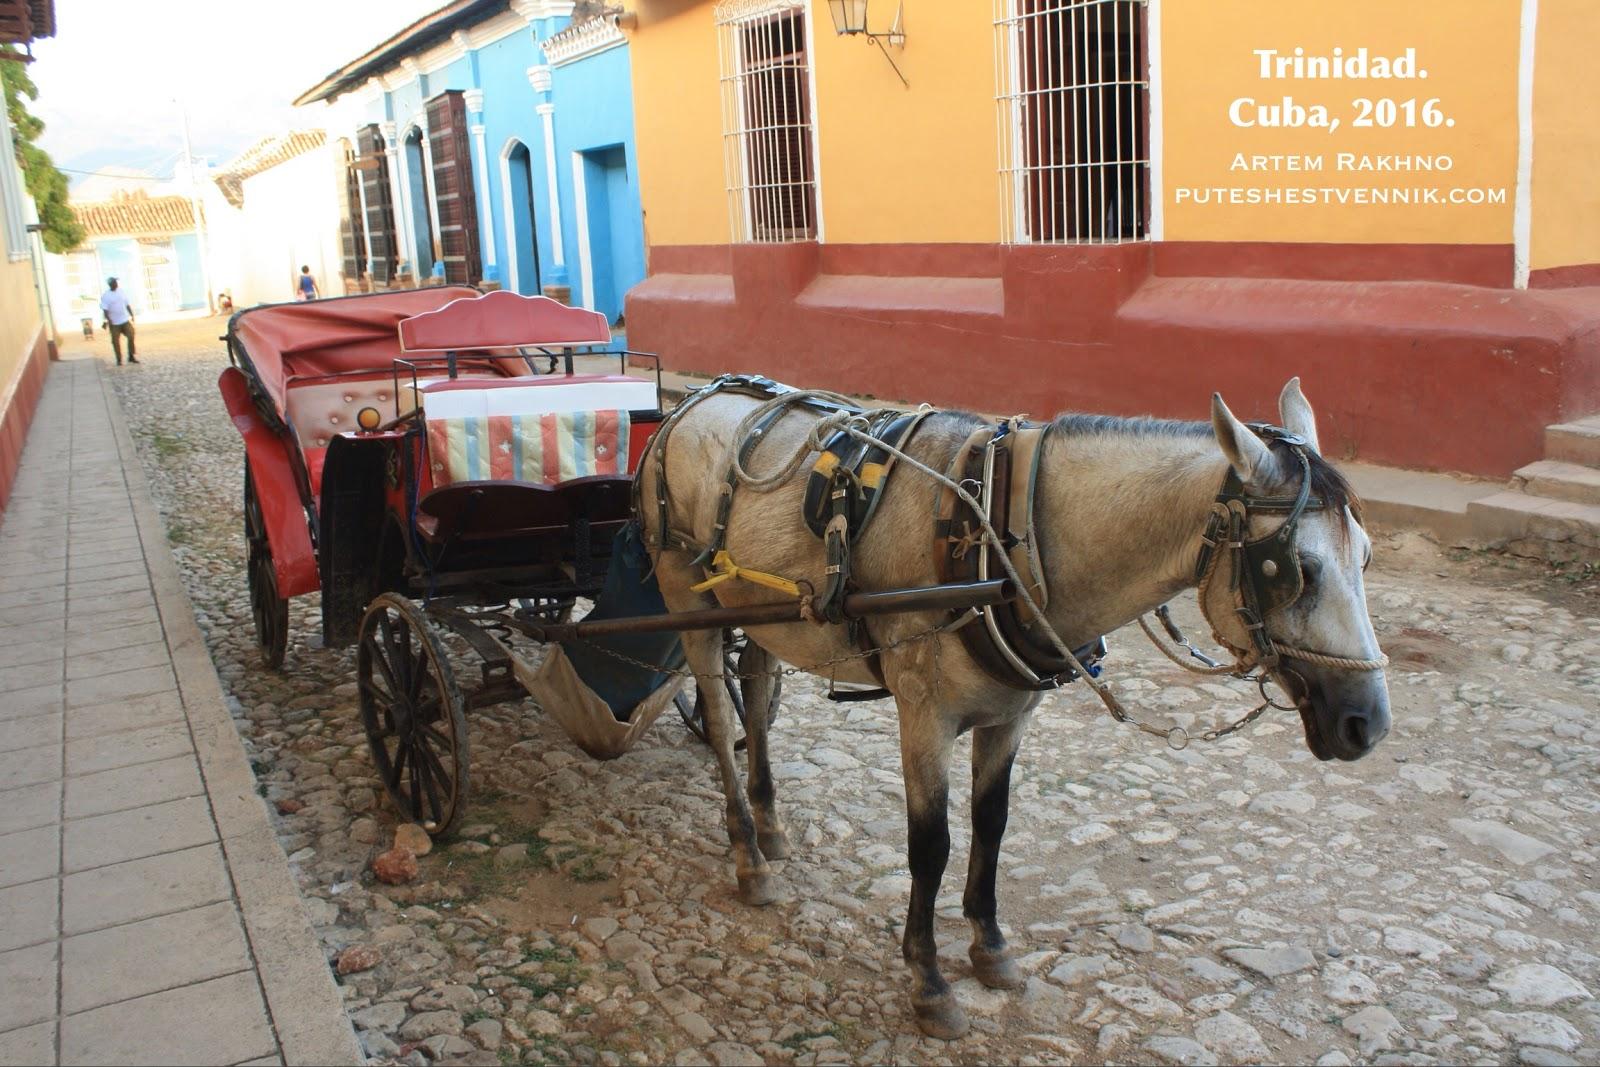 Лошадь и карета на улице кубинского города